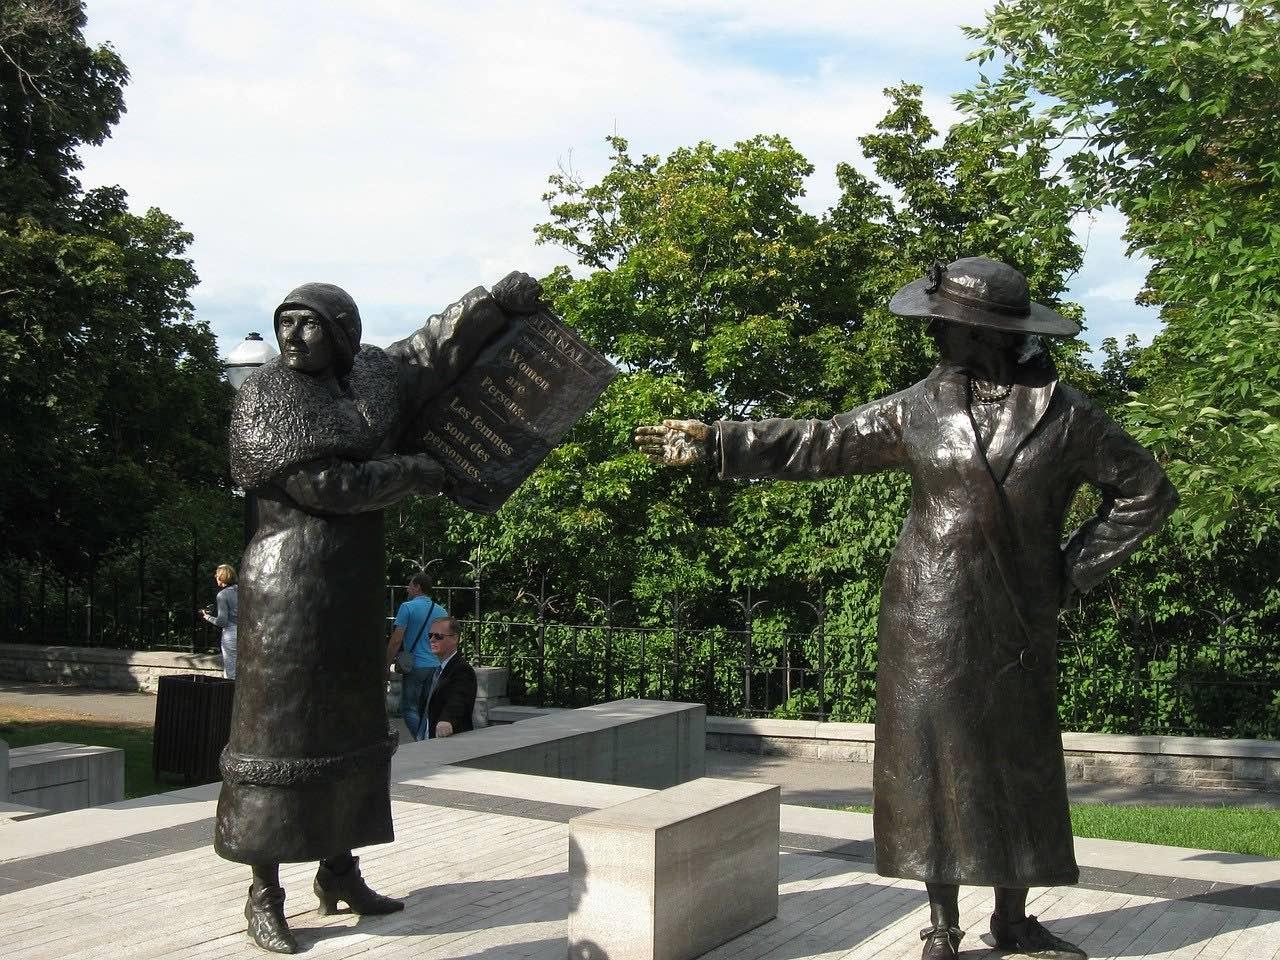 women are person statues_ottawa_canada_PD